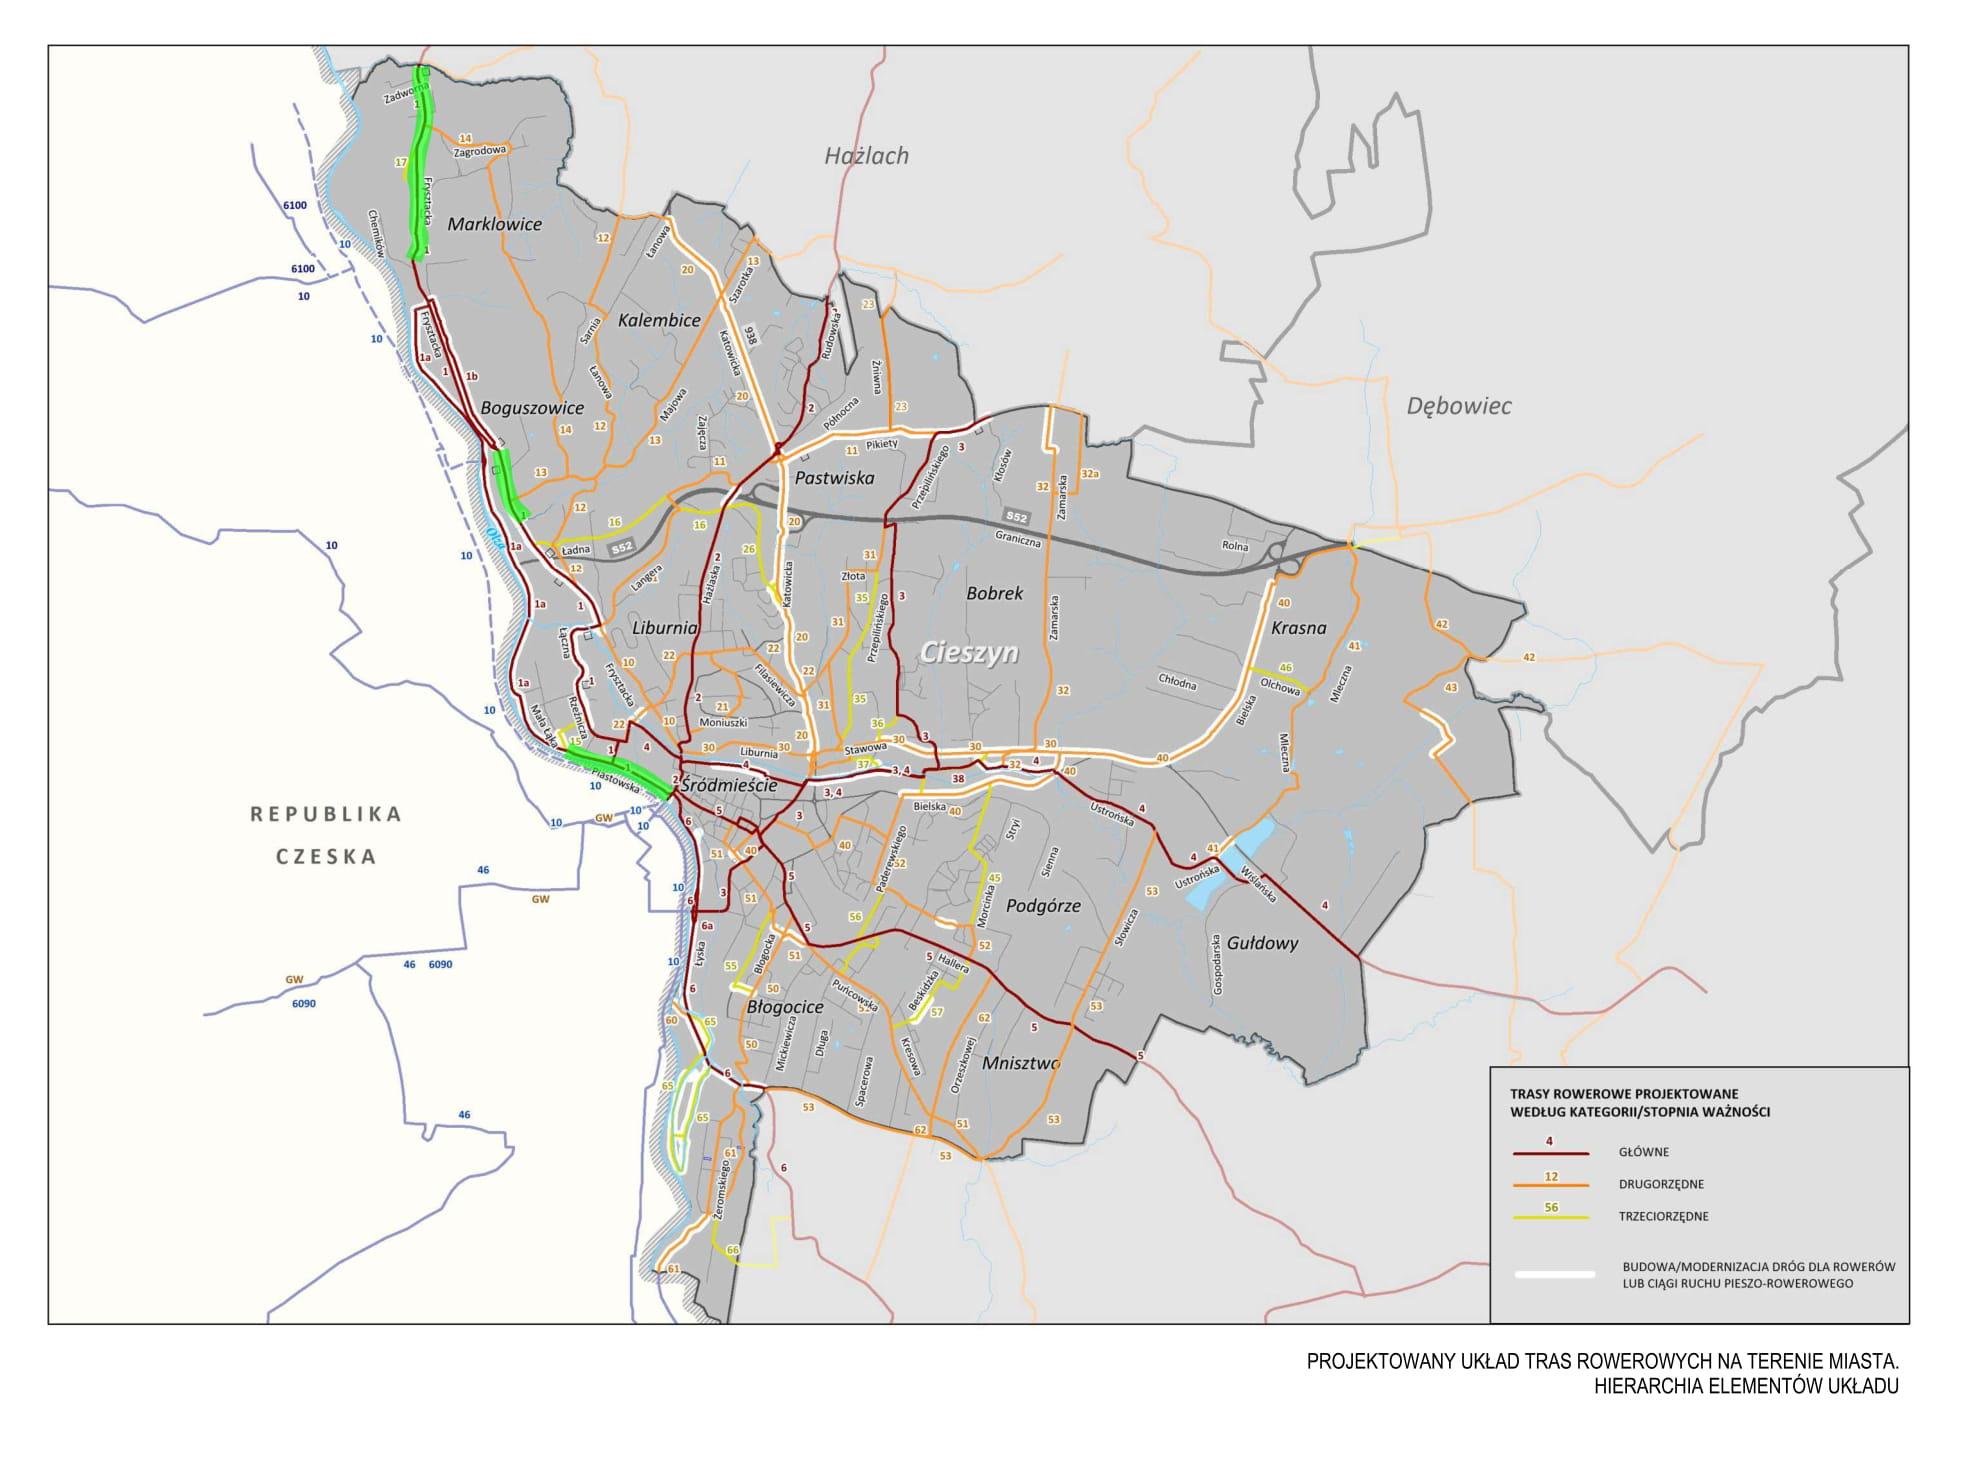 """Projektowany układ tras rowerowych na terenie miasta Cieszyna - Trasy rowerowe według kategorii. Źródło: """"Studium transportowe dla miasta Cieszyna"""" 2016."""